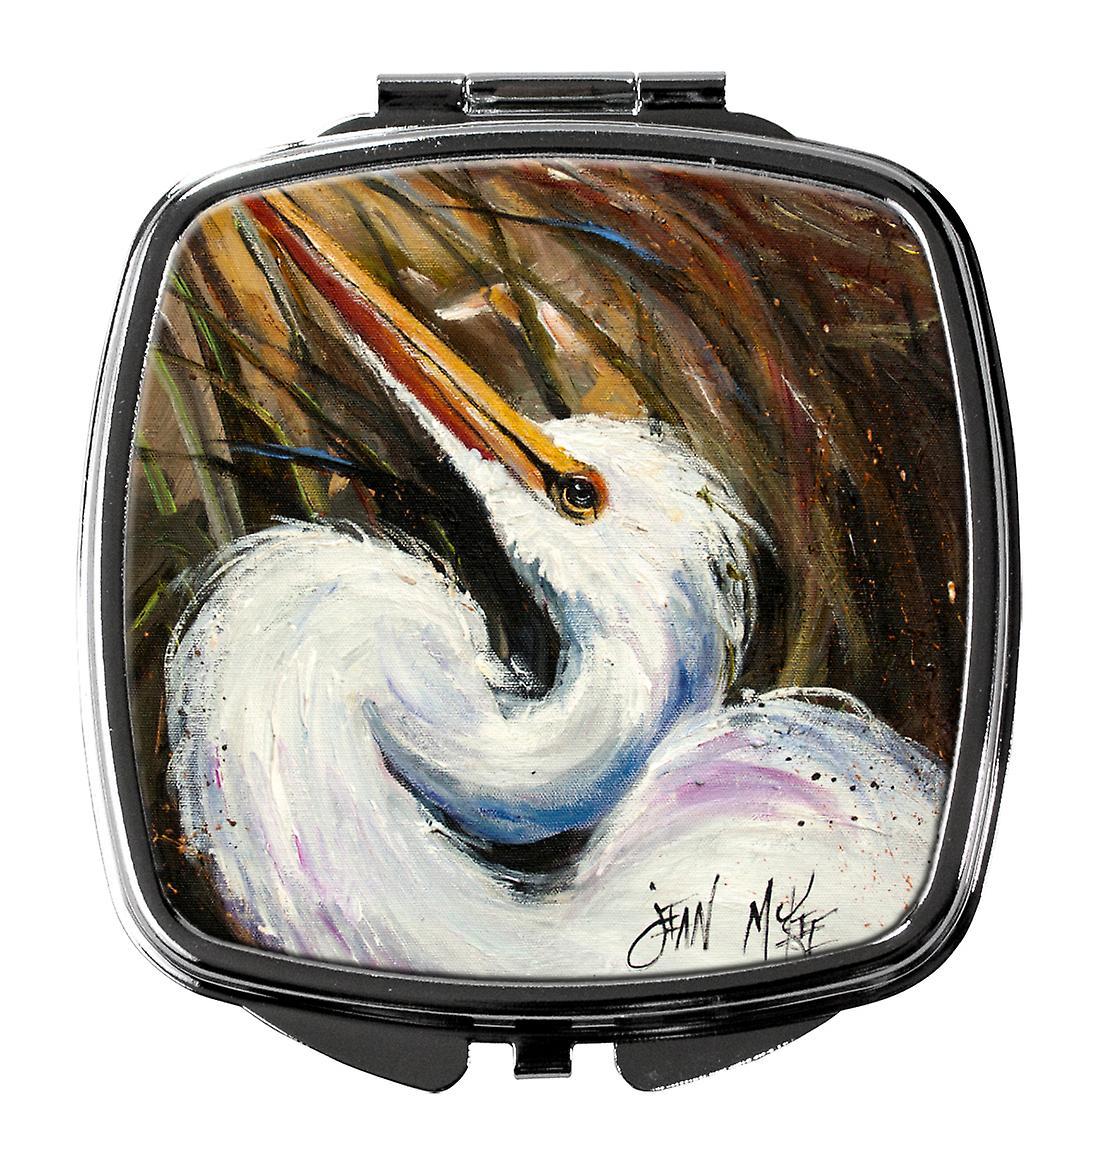 Carolines Mirror Jmk1214scm White Egret Treasures Compact 80Nmnw